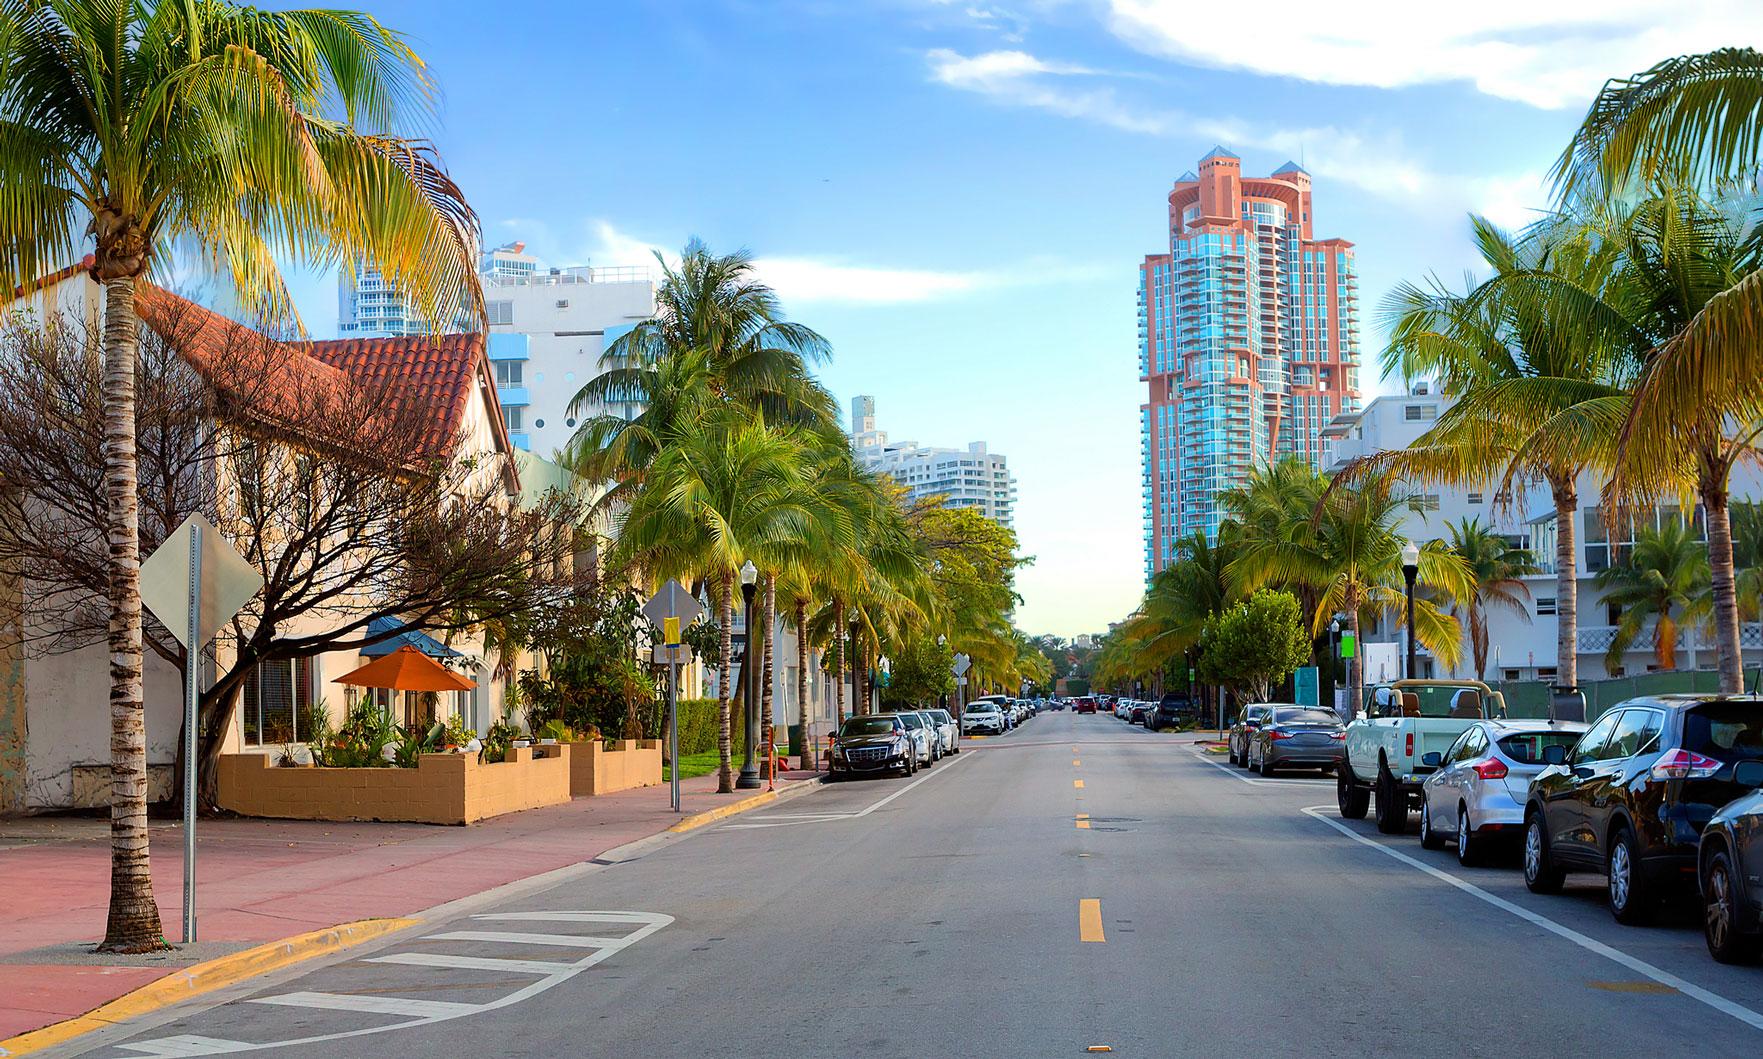 騎乘電動滑板車探索邁阿密五大景點